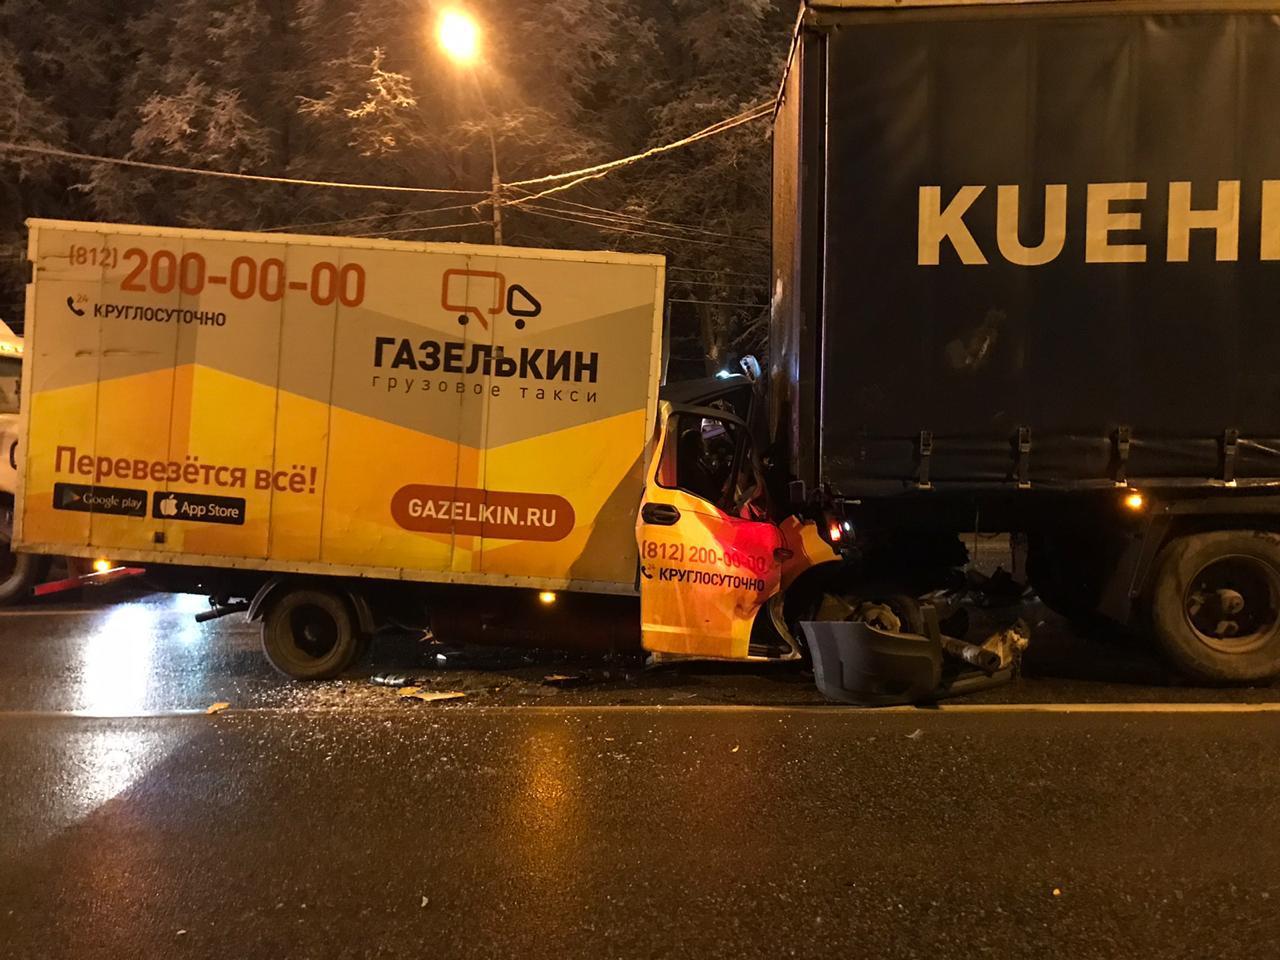 На трассе в Тверской области грузовое такси врезалось в фуру